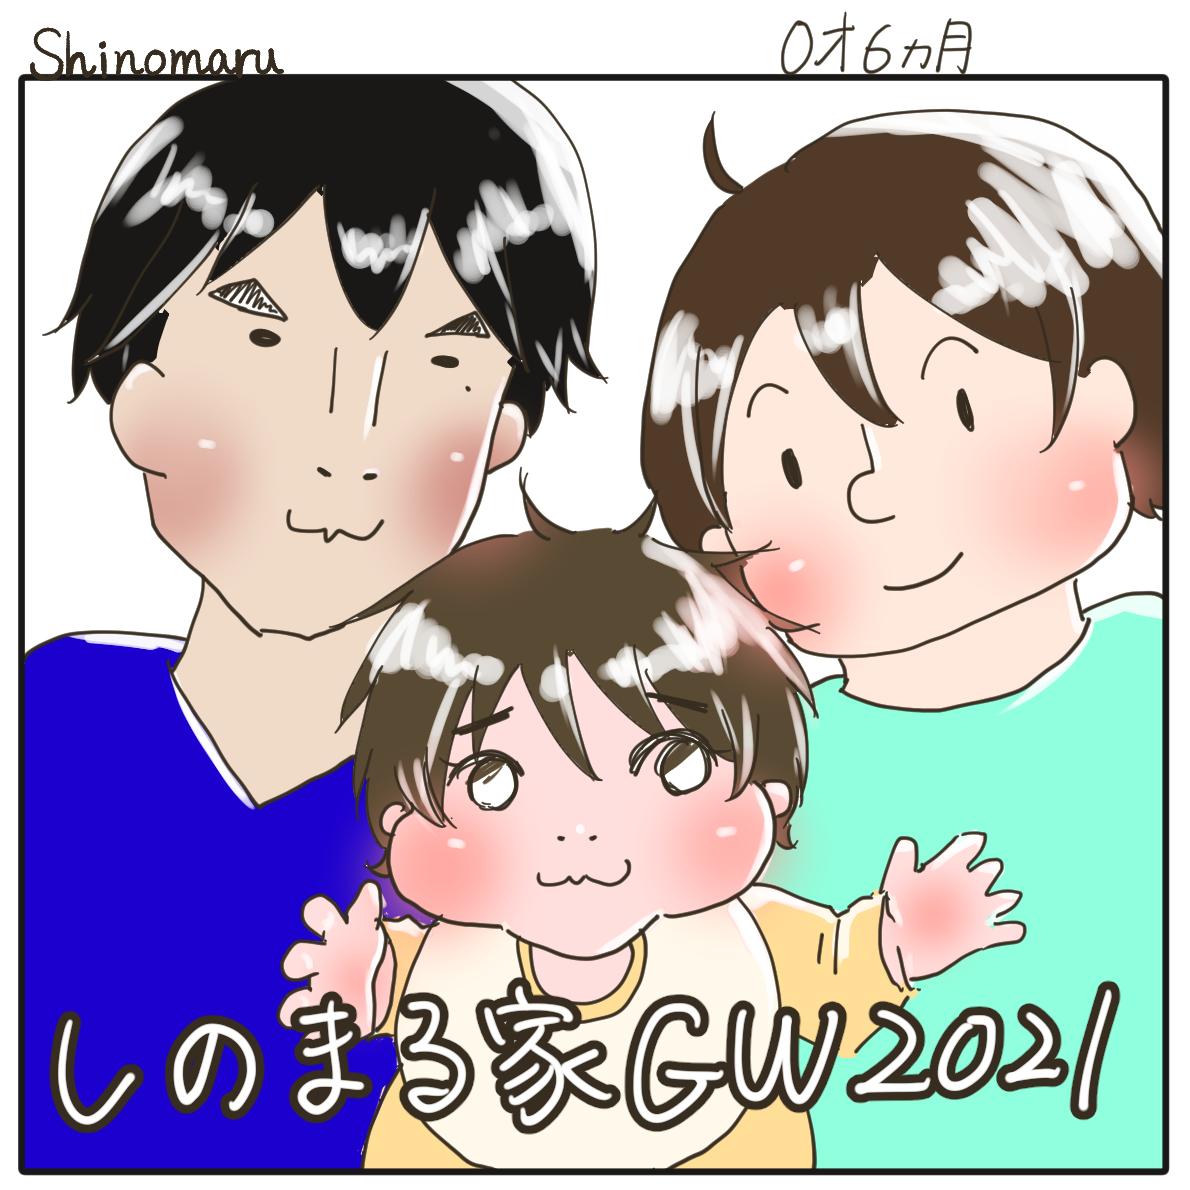 f:id:Shinomaru:20210510223001p:plain